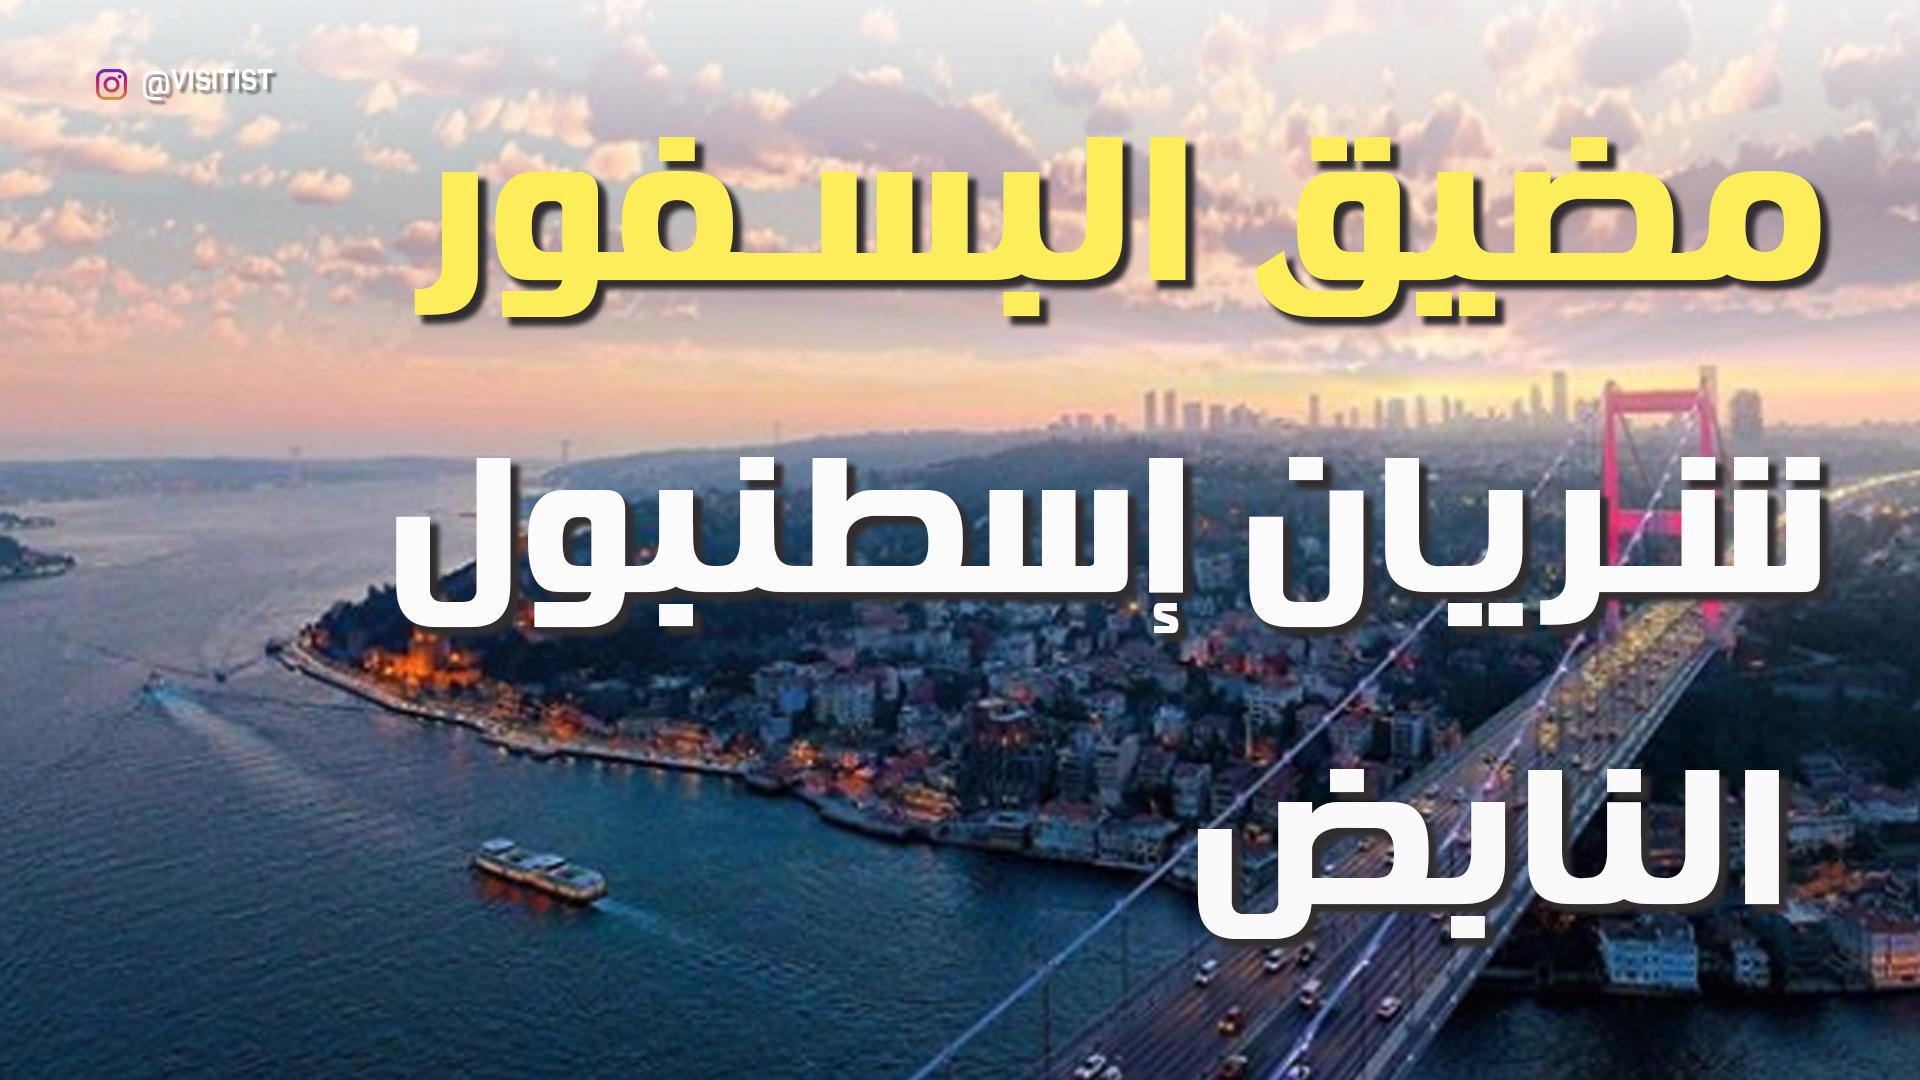 أفضل أماكن سياحية على جسر البوسفور في اسطنبول